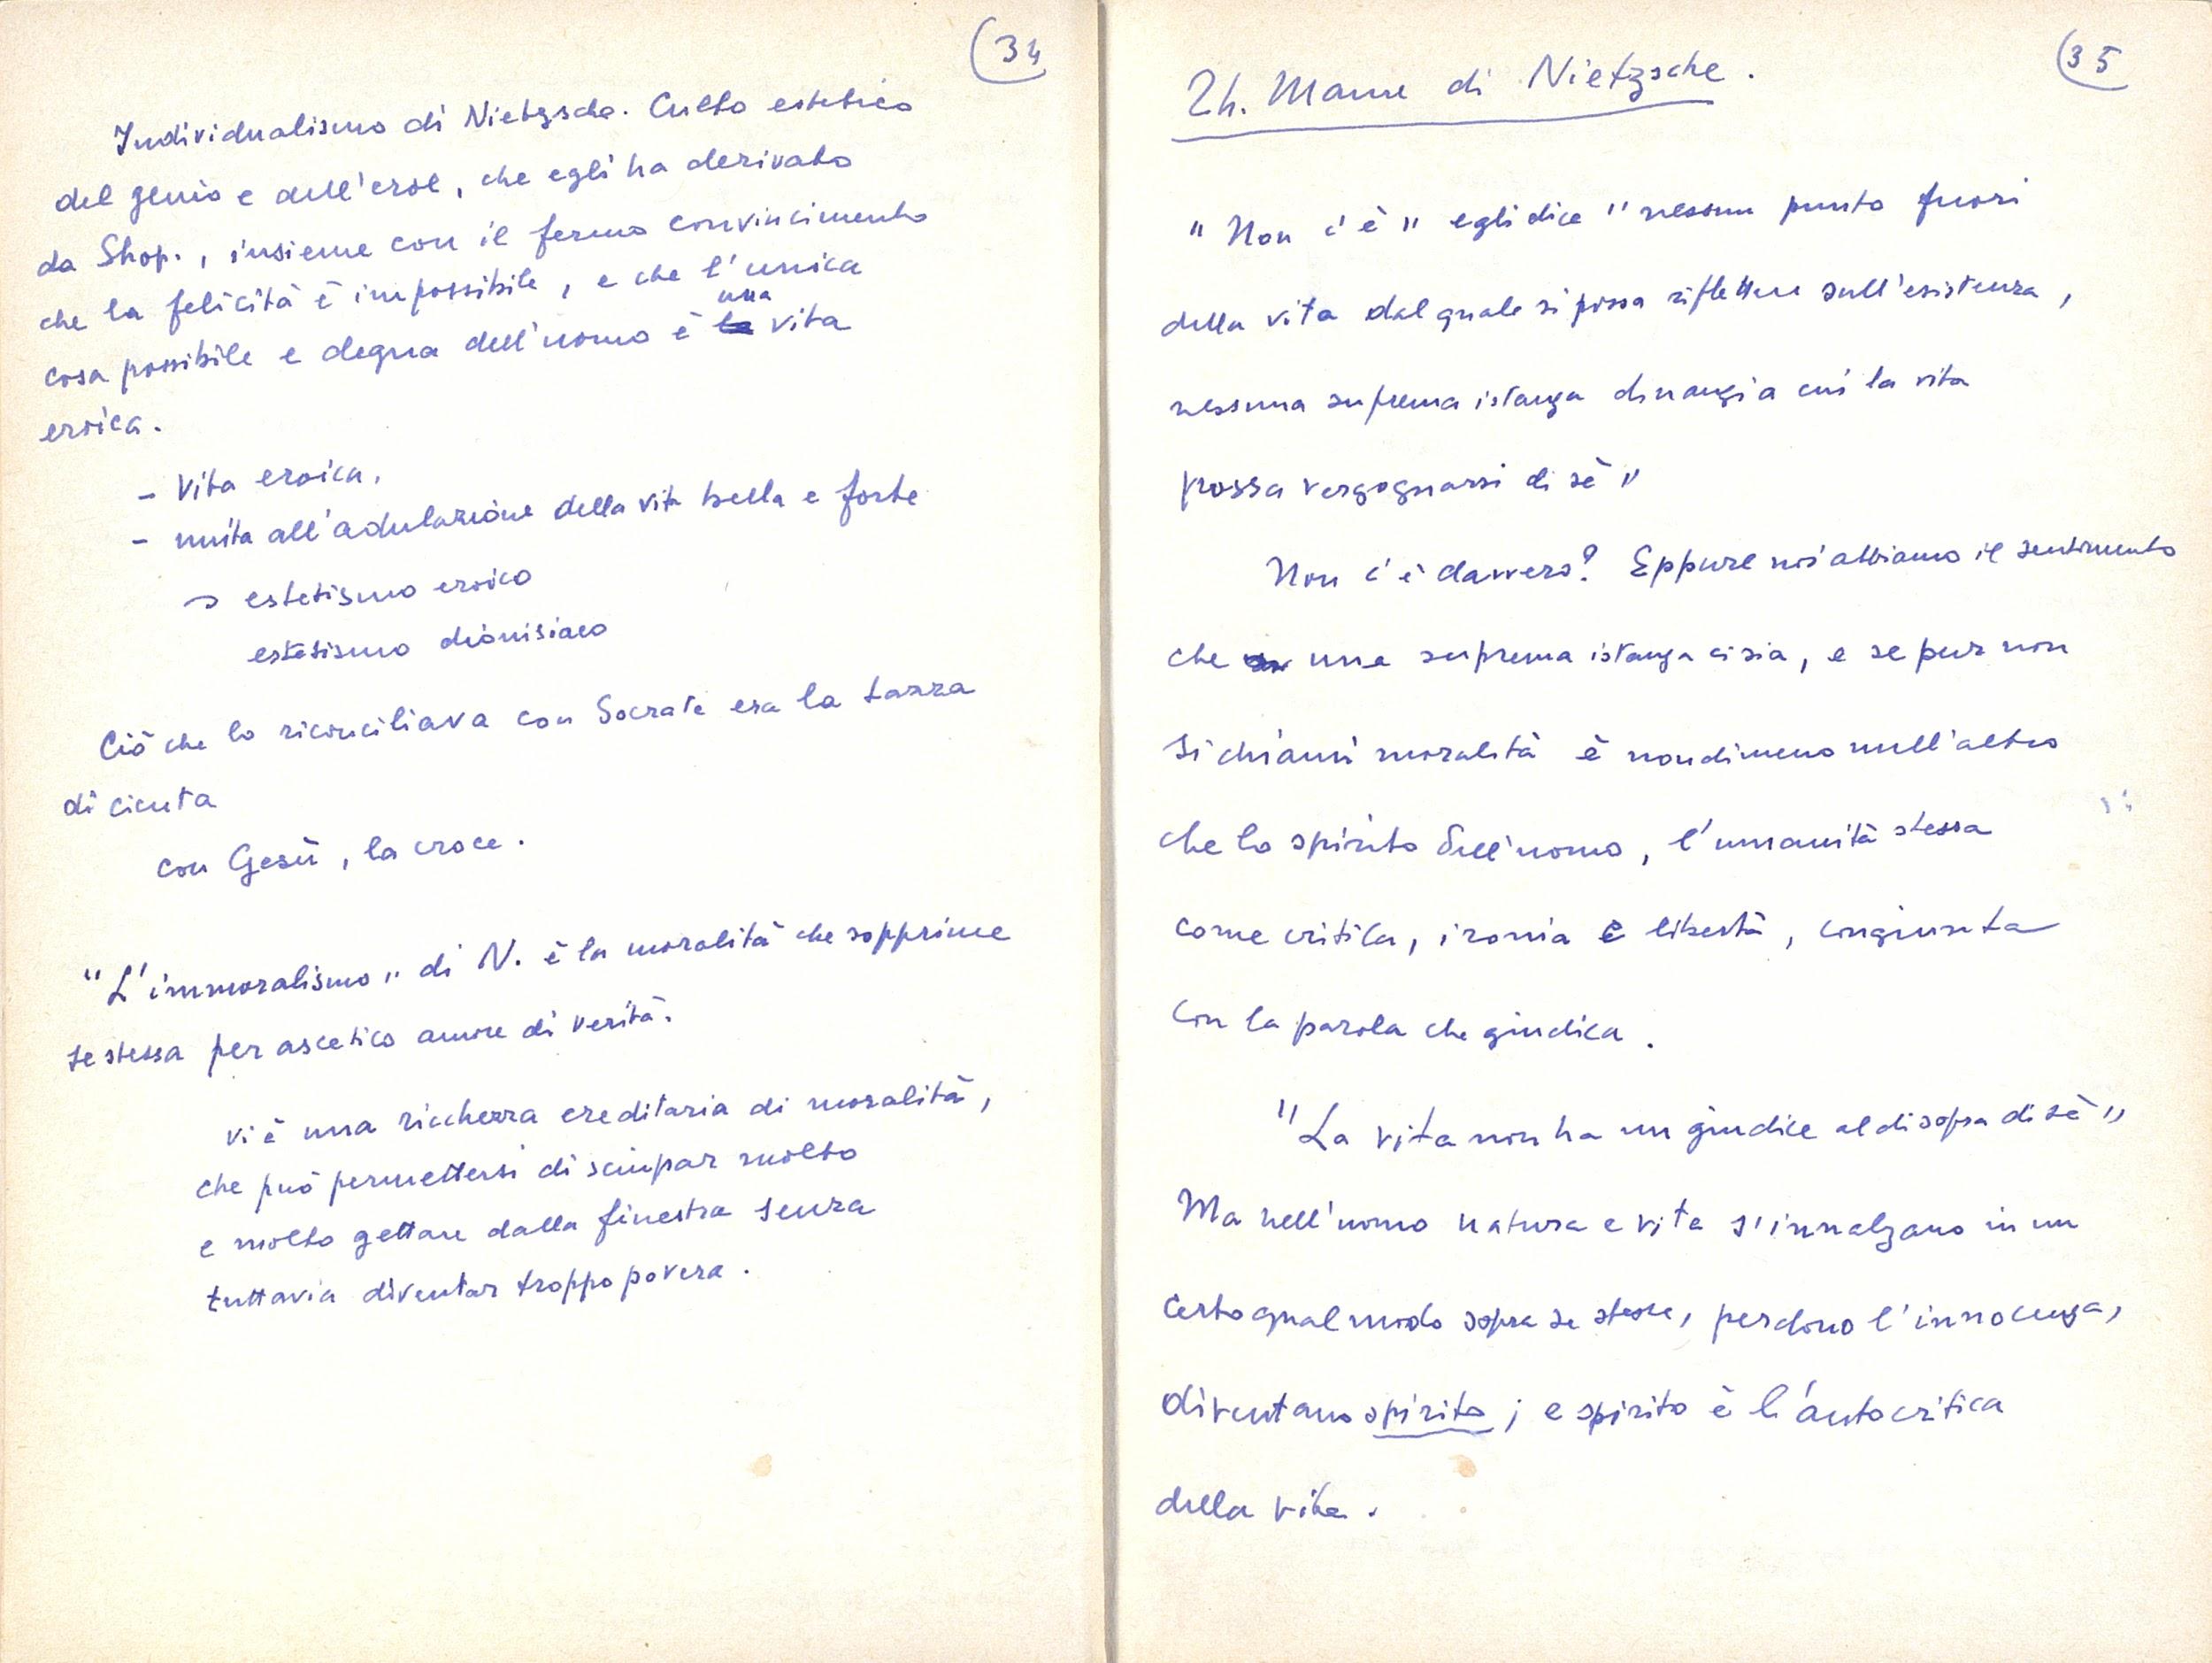 Facsimile delle pp. 34-35 del quaderno di Appunti di Paolo Bufalini.